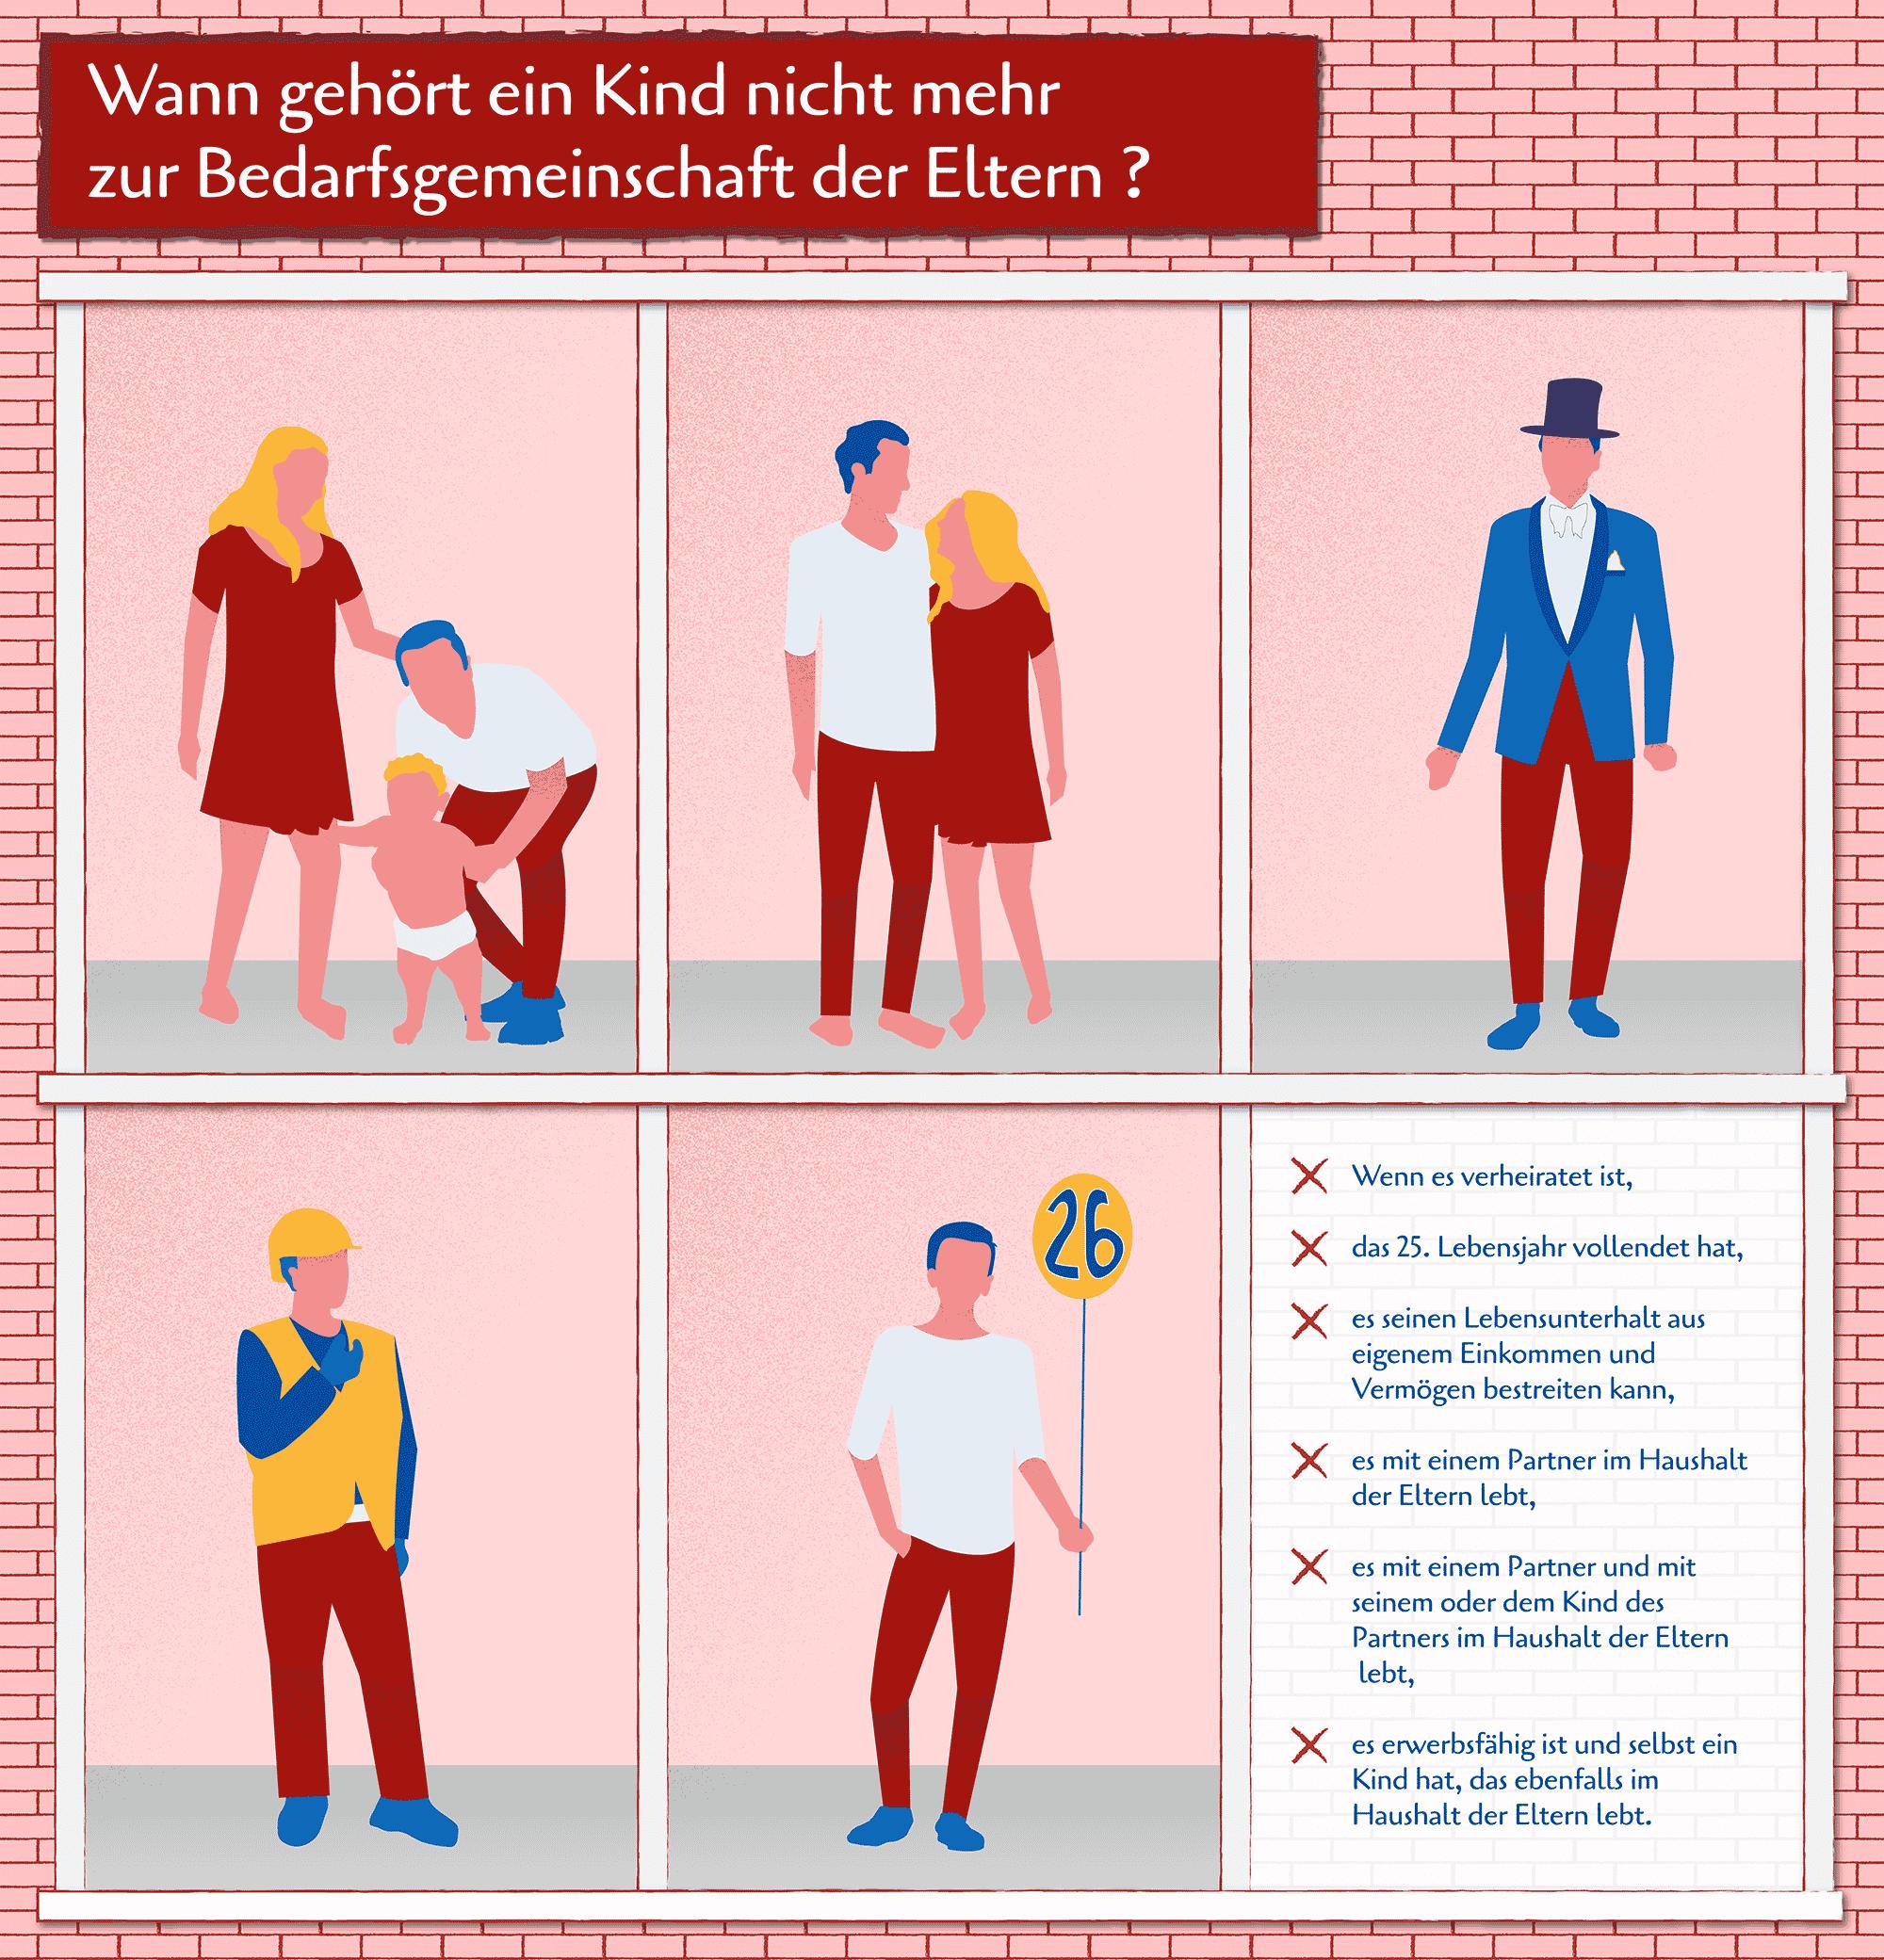 Unserer Grafik können Sie entnehmen, ab wann ein Kind nicht mehr zur Bedarfsgemeinschaft der Eltern gehört.